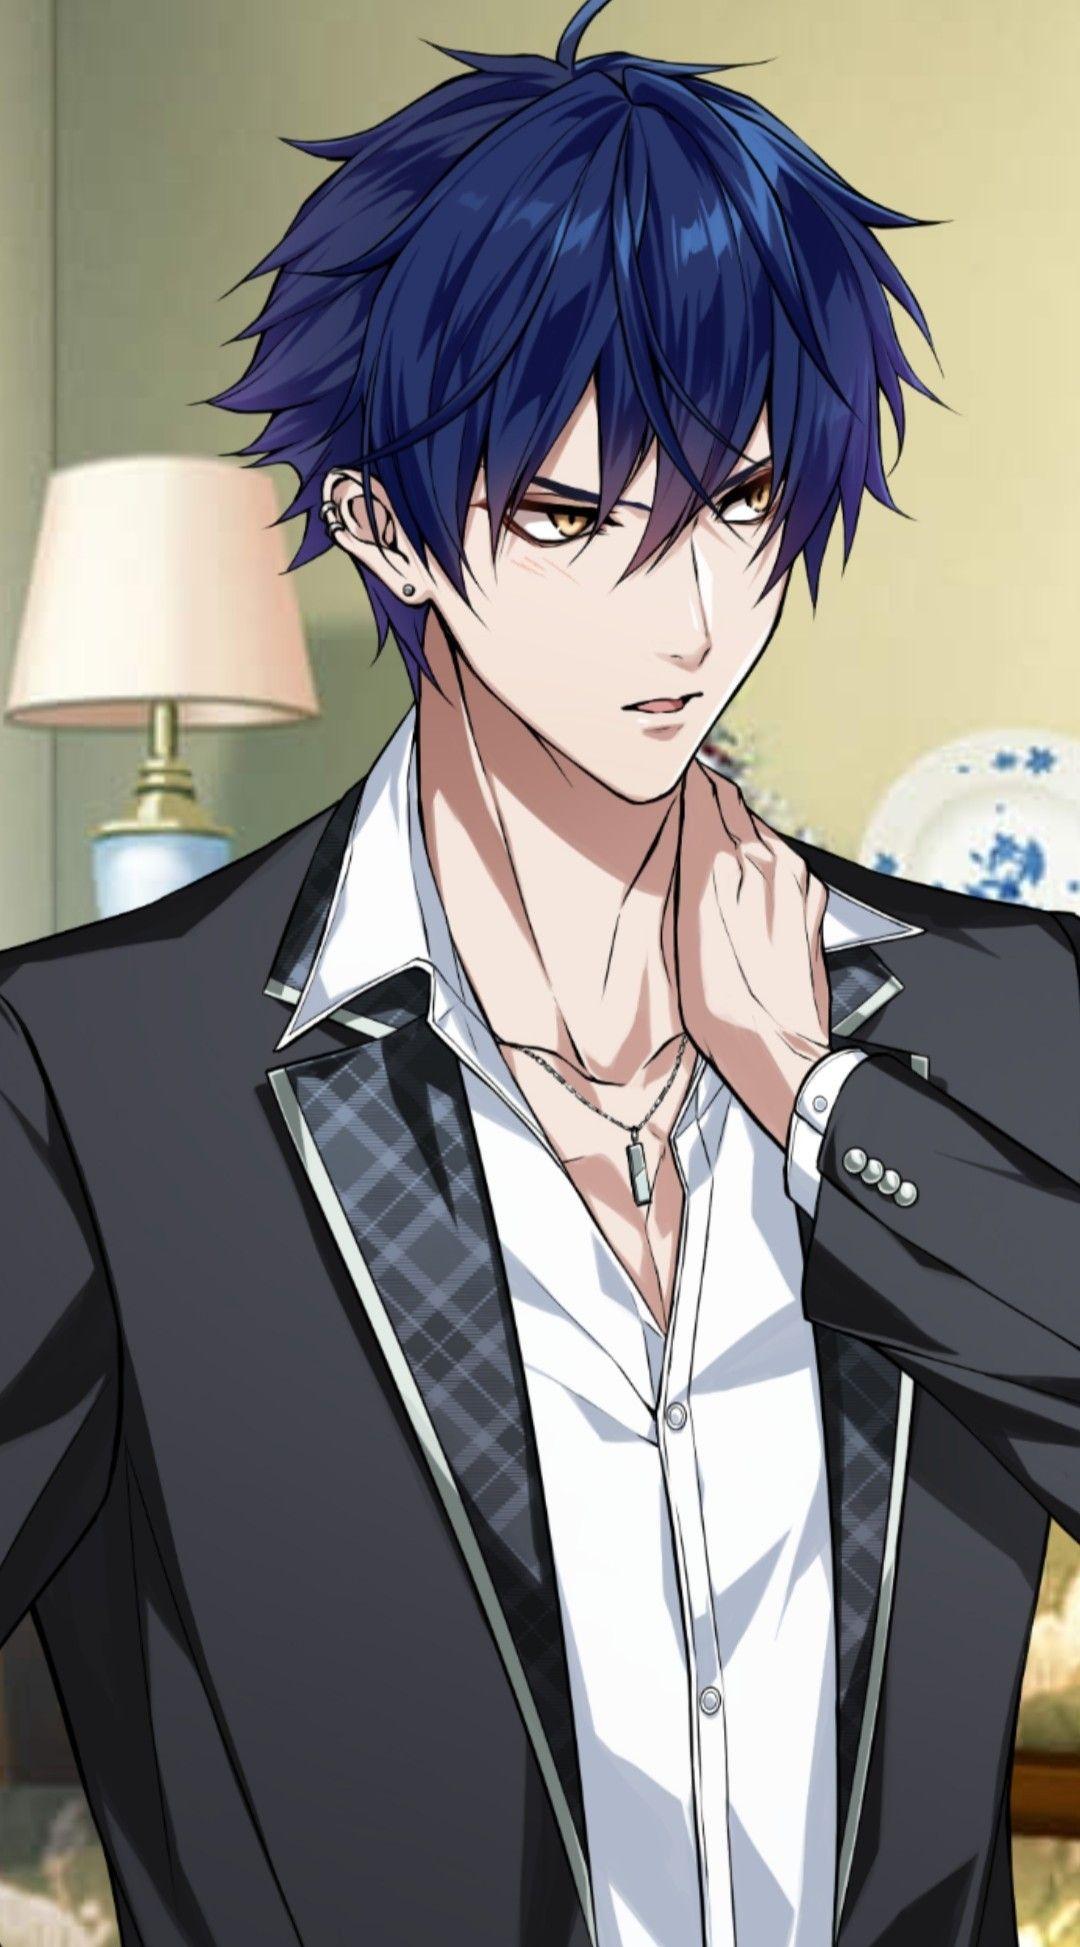 Pinterest Handsome anime, Cute anime guys, Anime